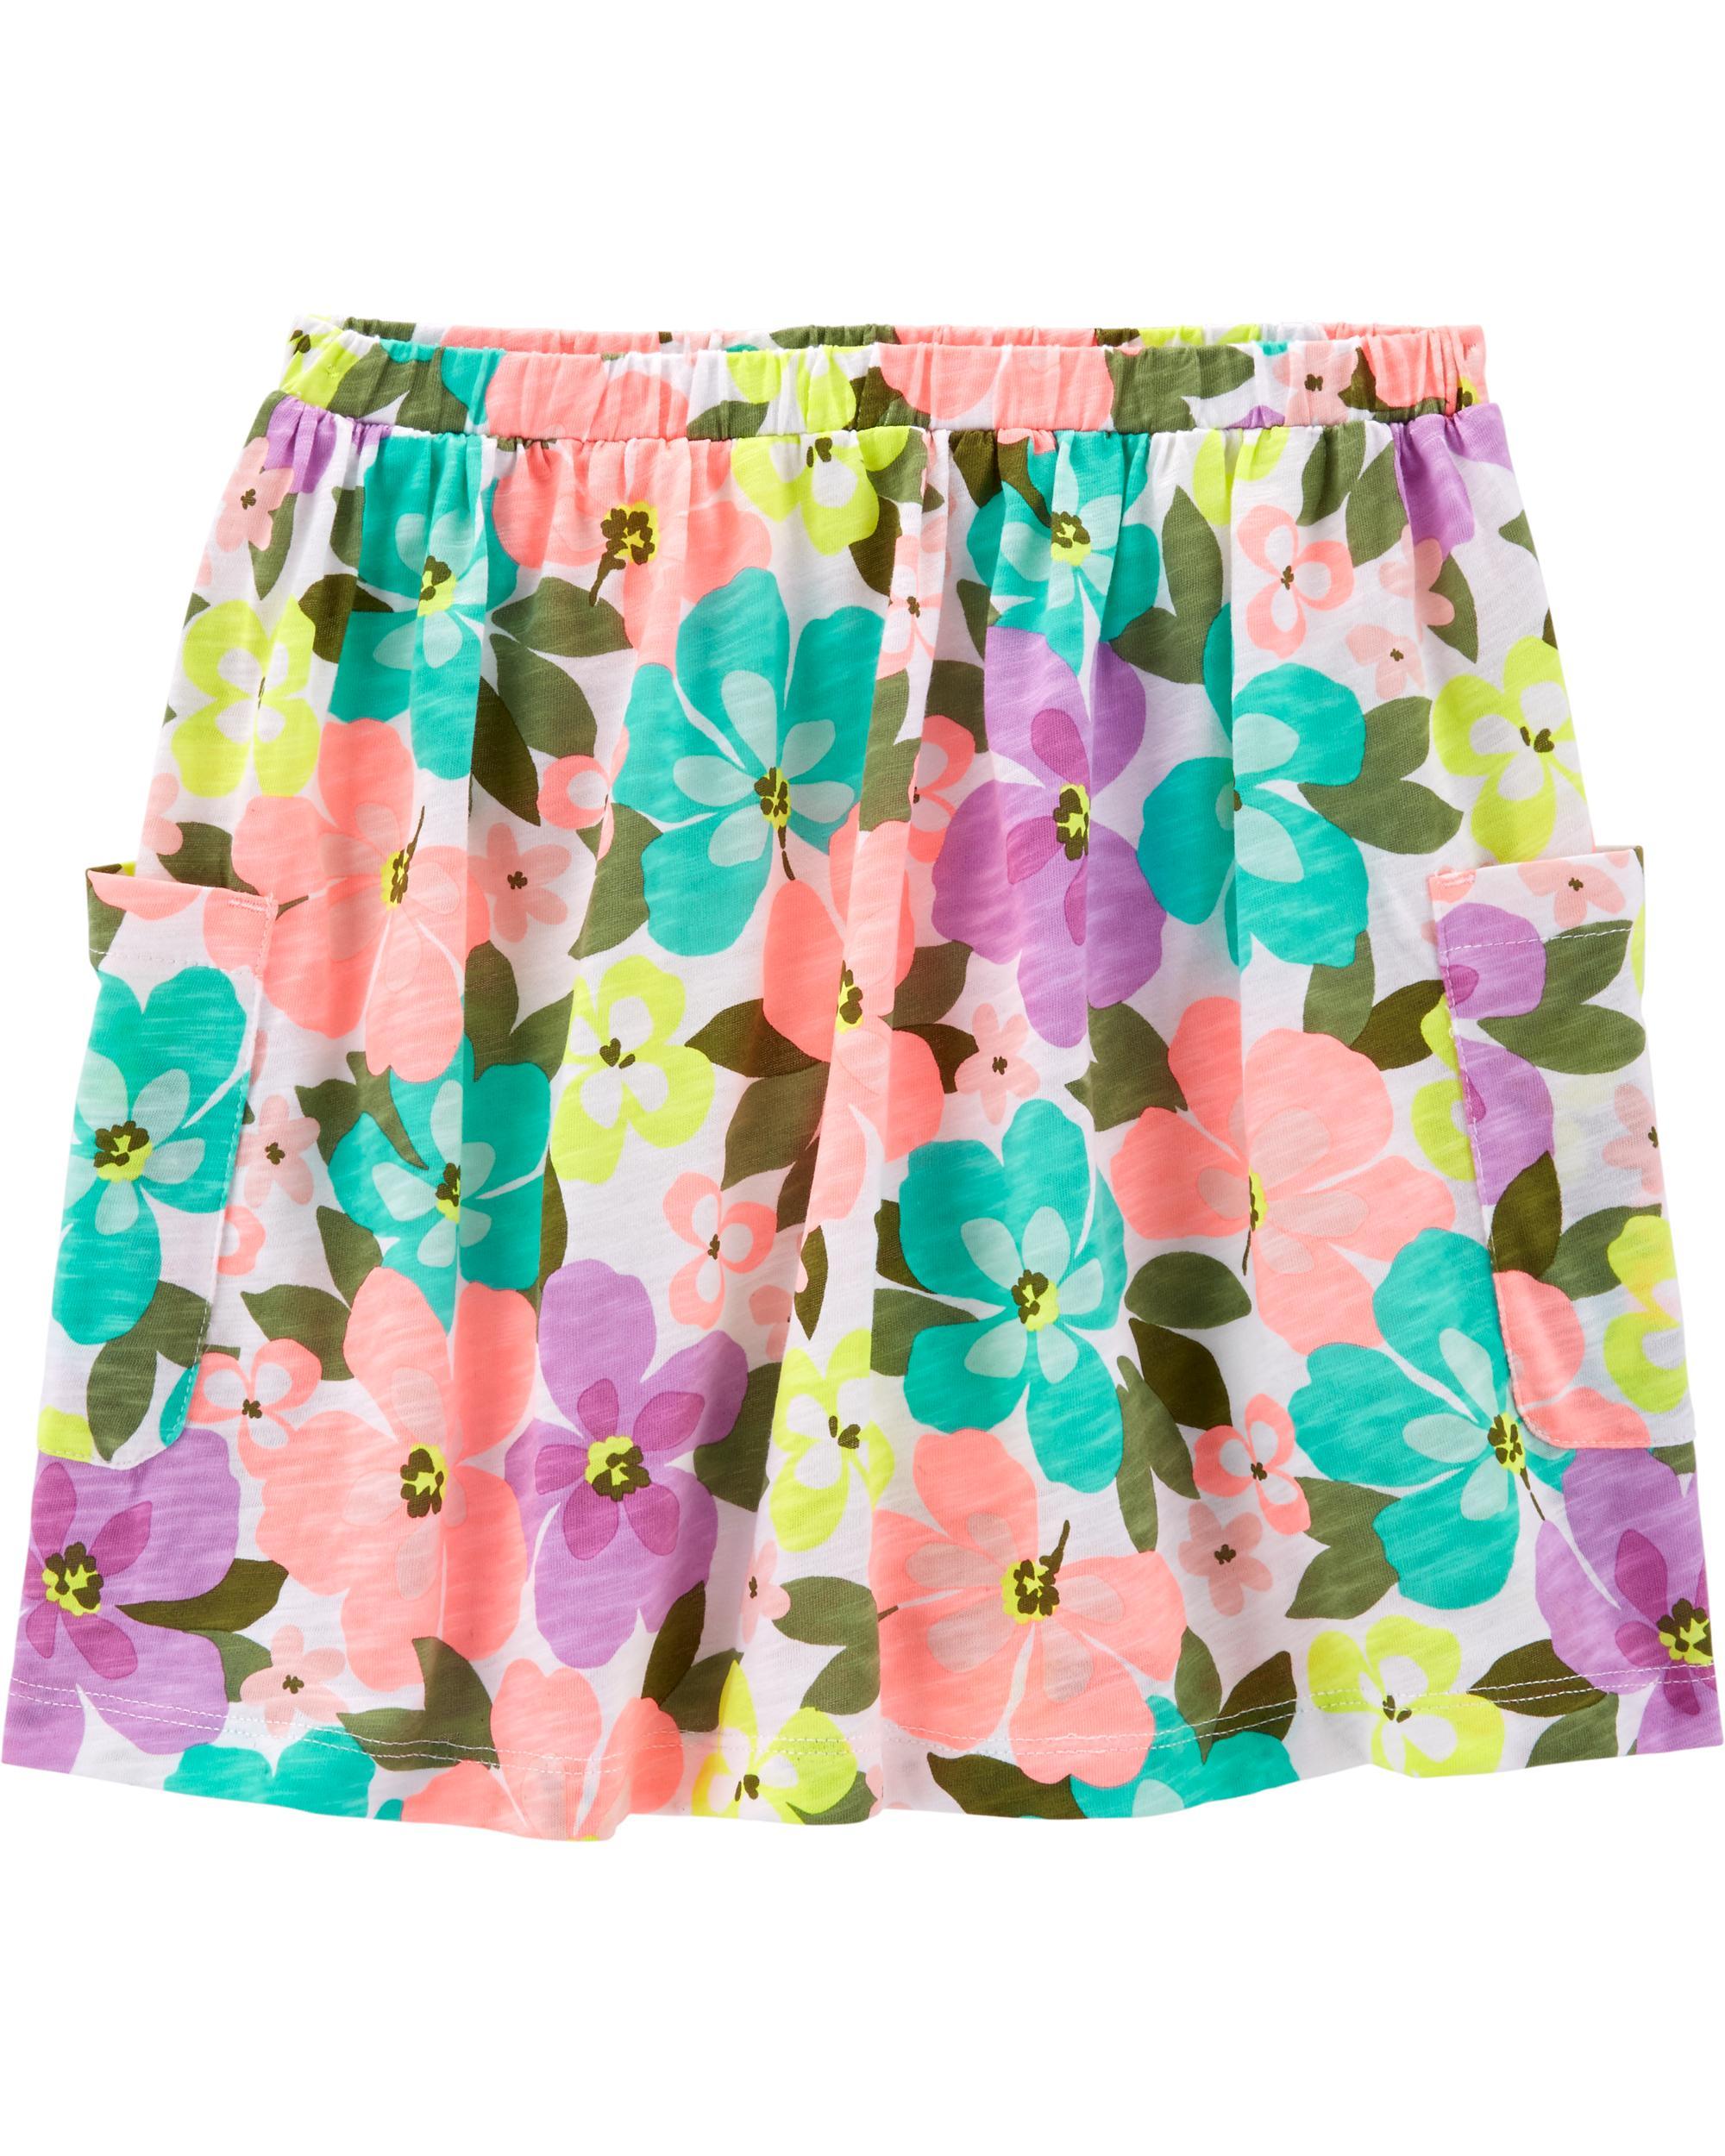 Carters Girls Floral Jersey Skort 3m Multi-Color